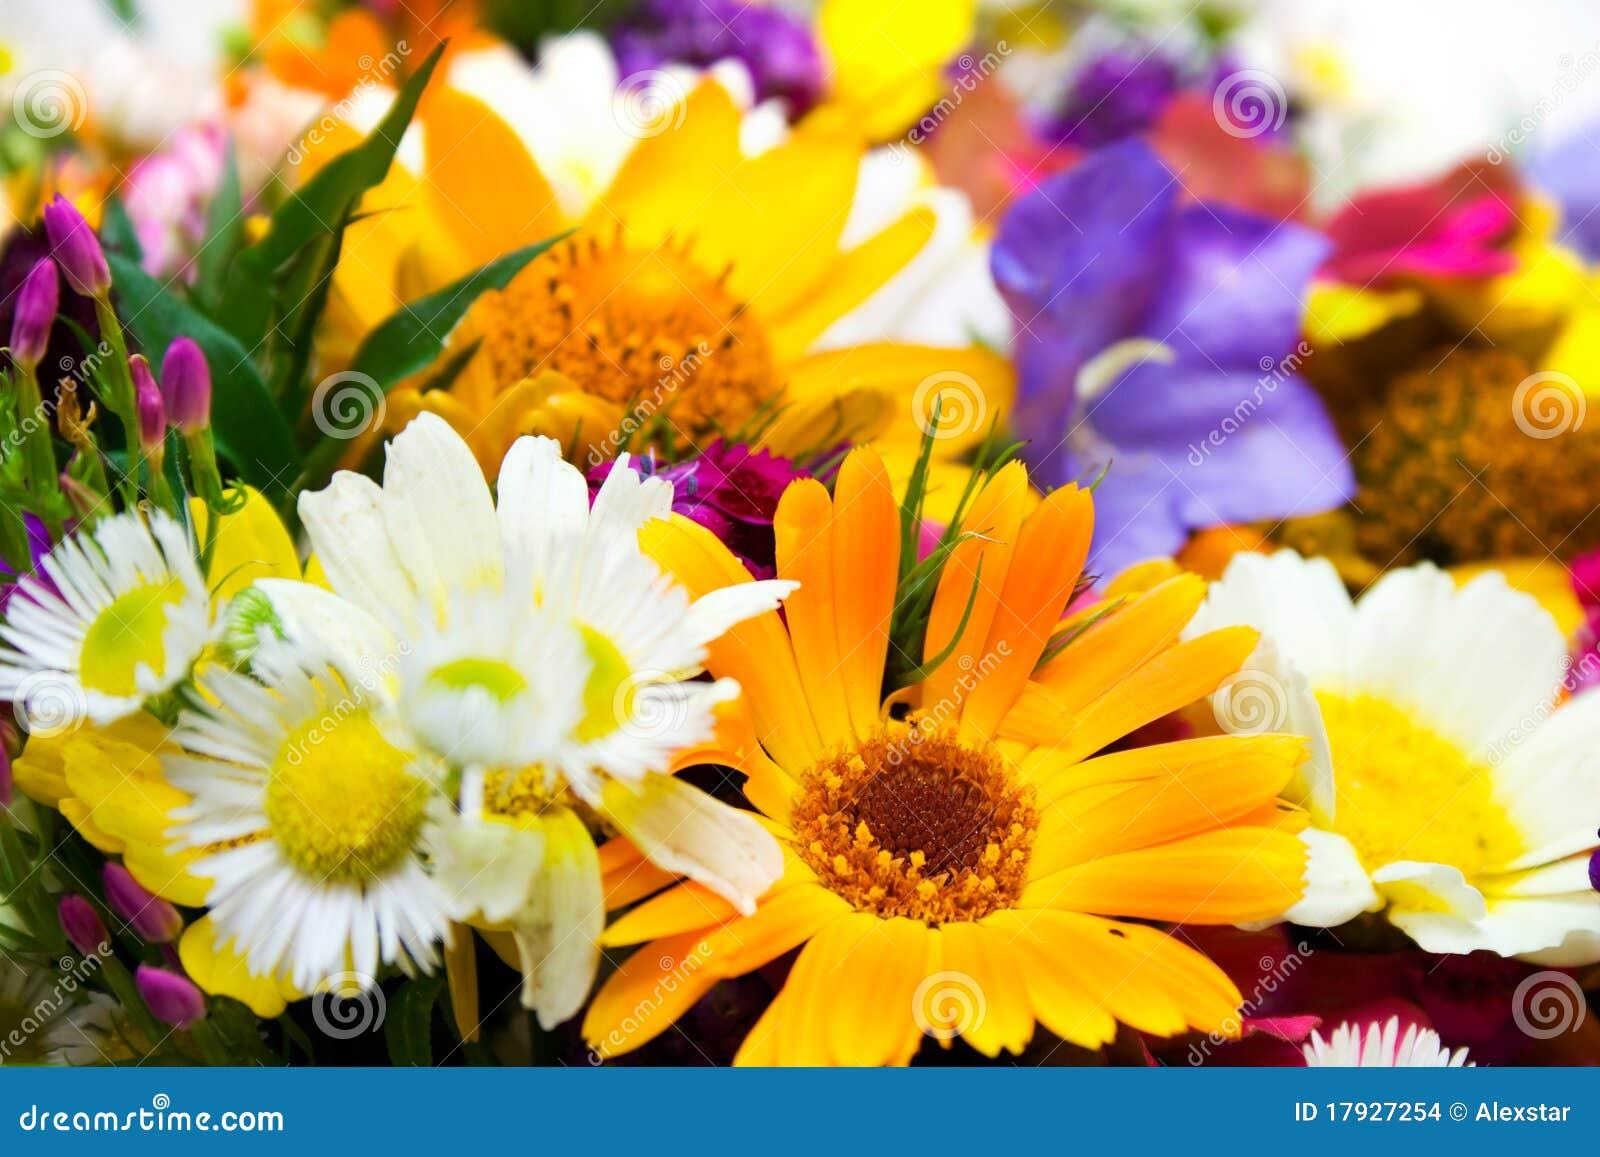 La source fleurit le bouquet